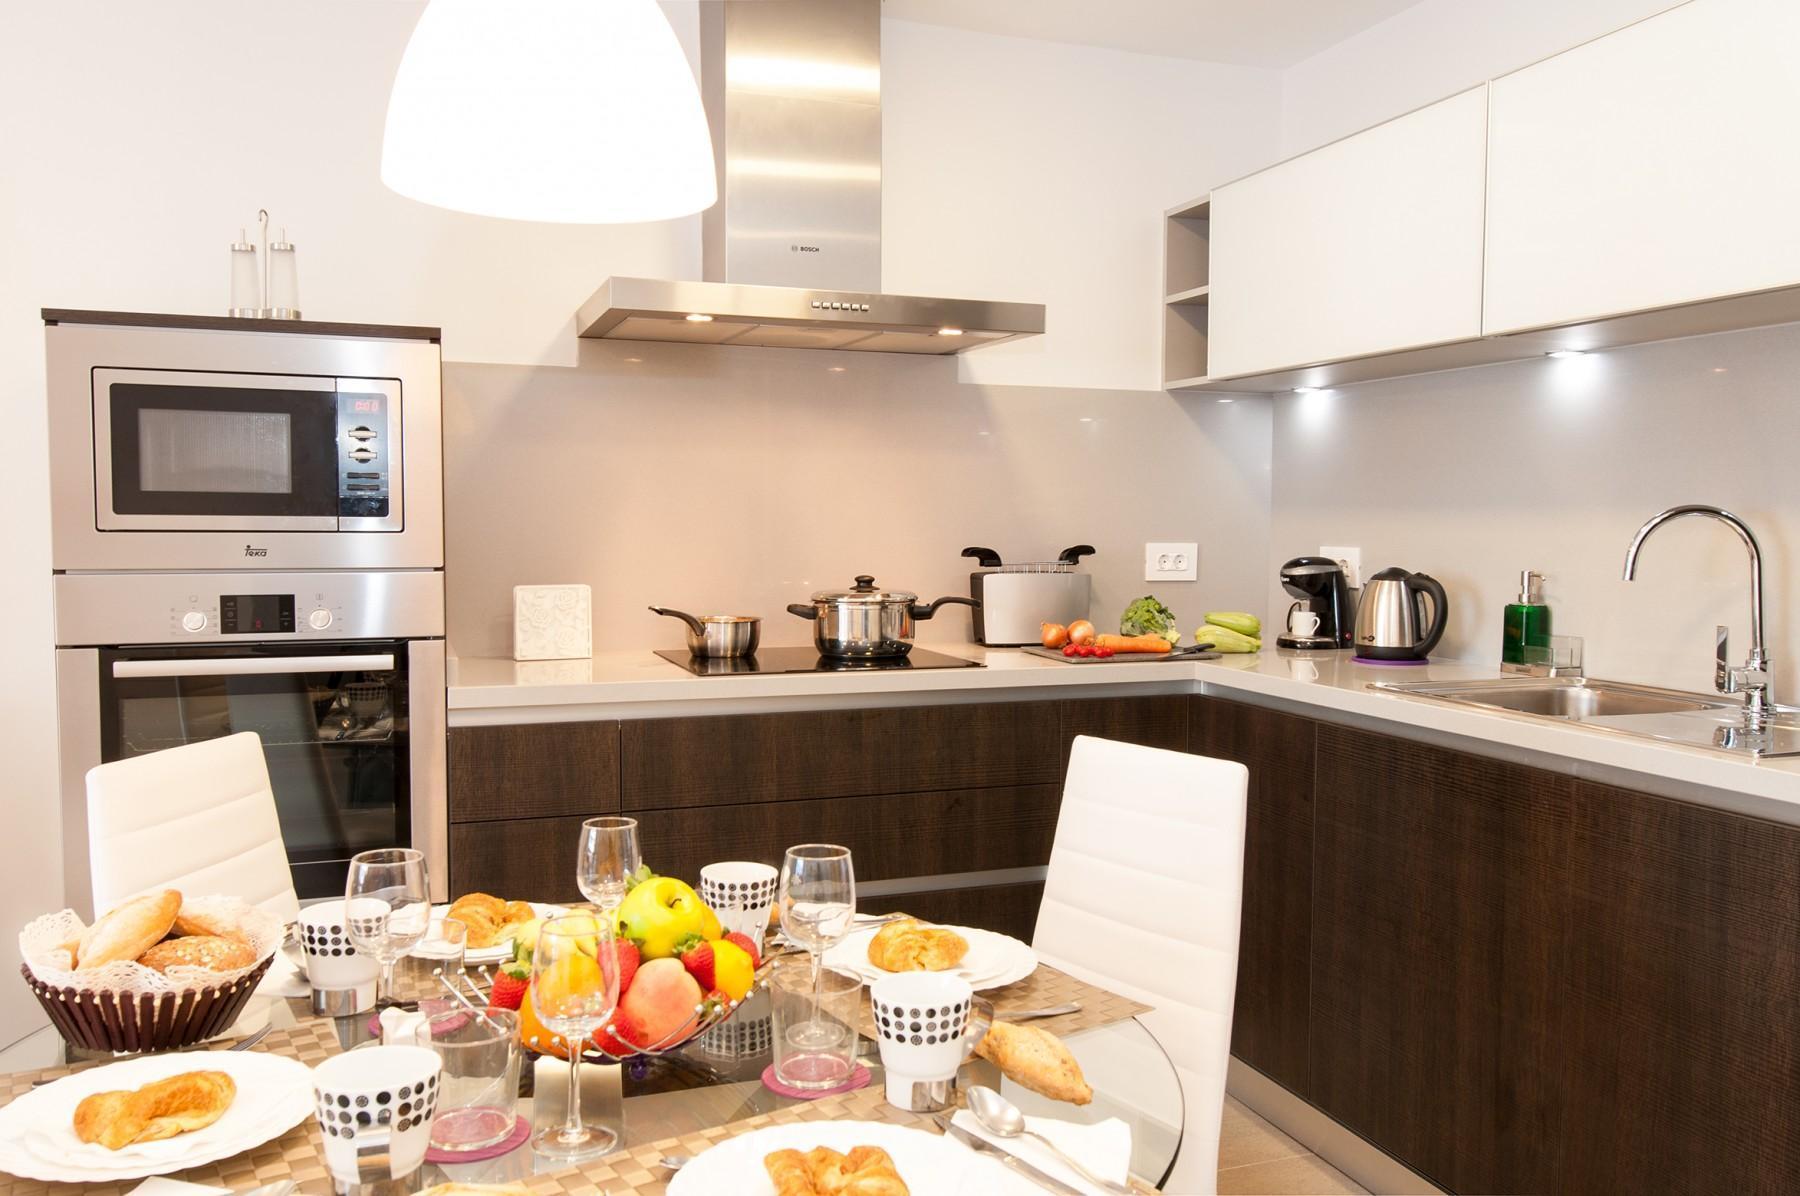 102709   Apartment In Las Palmas De Gran Canaria